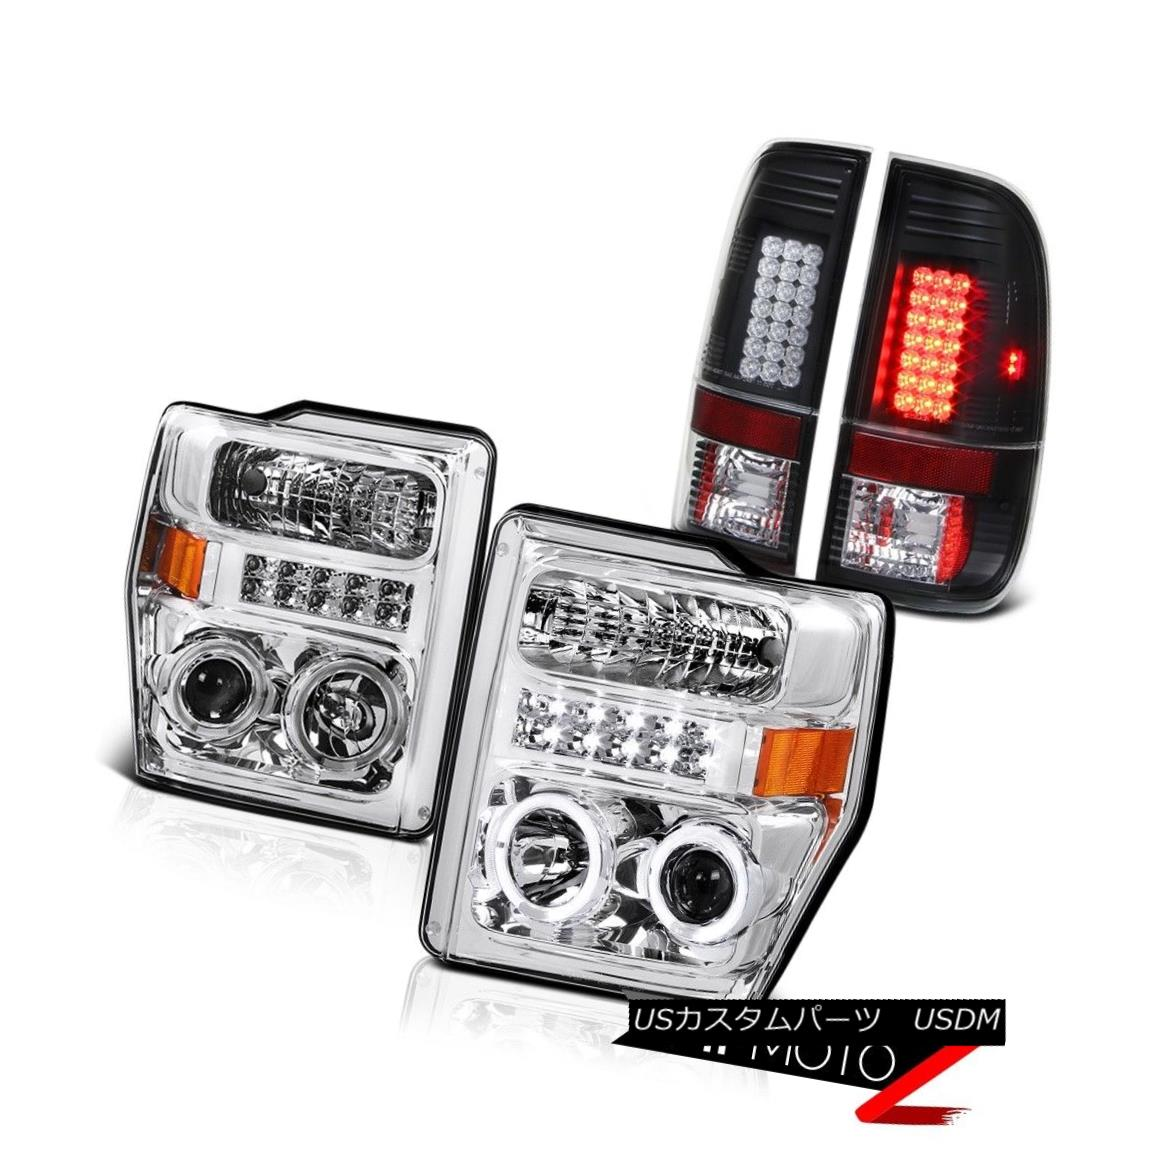 テールライト 08 09 10 Ford Superduty 5.4L XL Euro Halo LED Headlight Signal Brake Tail Lights 08 09 10フォードSuperduty 5.4L XLユーロHalo LEDヘッドライト信号ブレーキテールライト